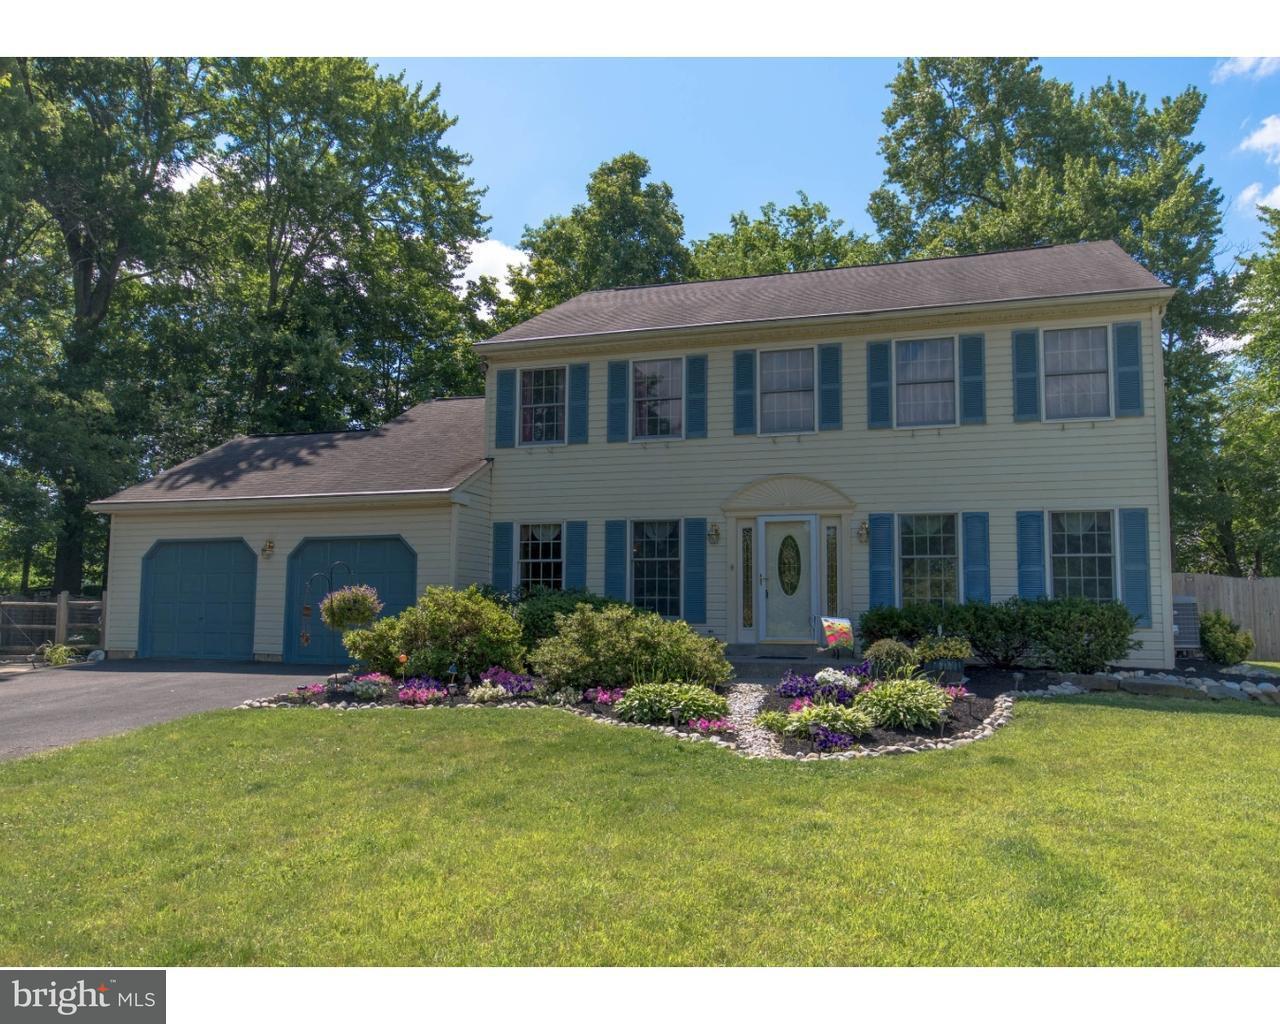 Частный односемейный дом для того Продажа на 1543 BITTERSWEET Circle Jamison, Пенсильвания 18929 Соединенные Штаты